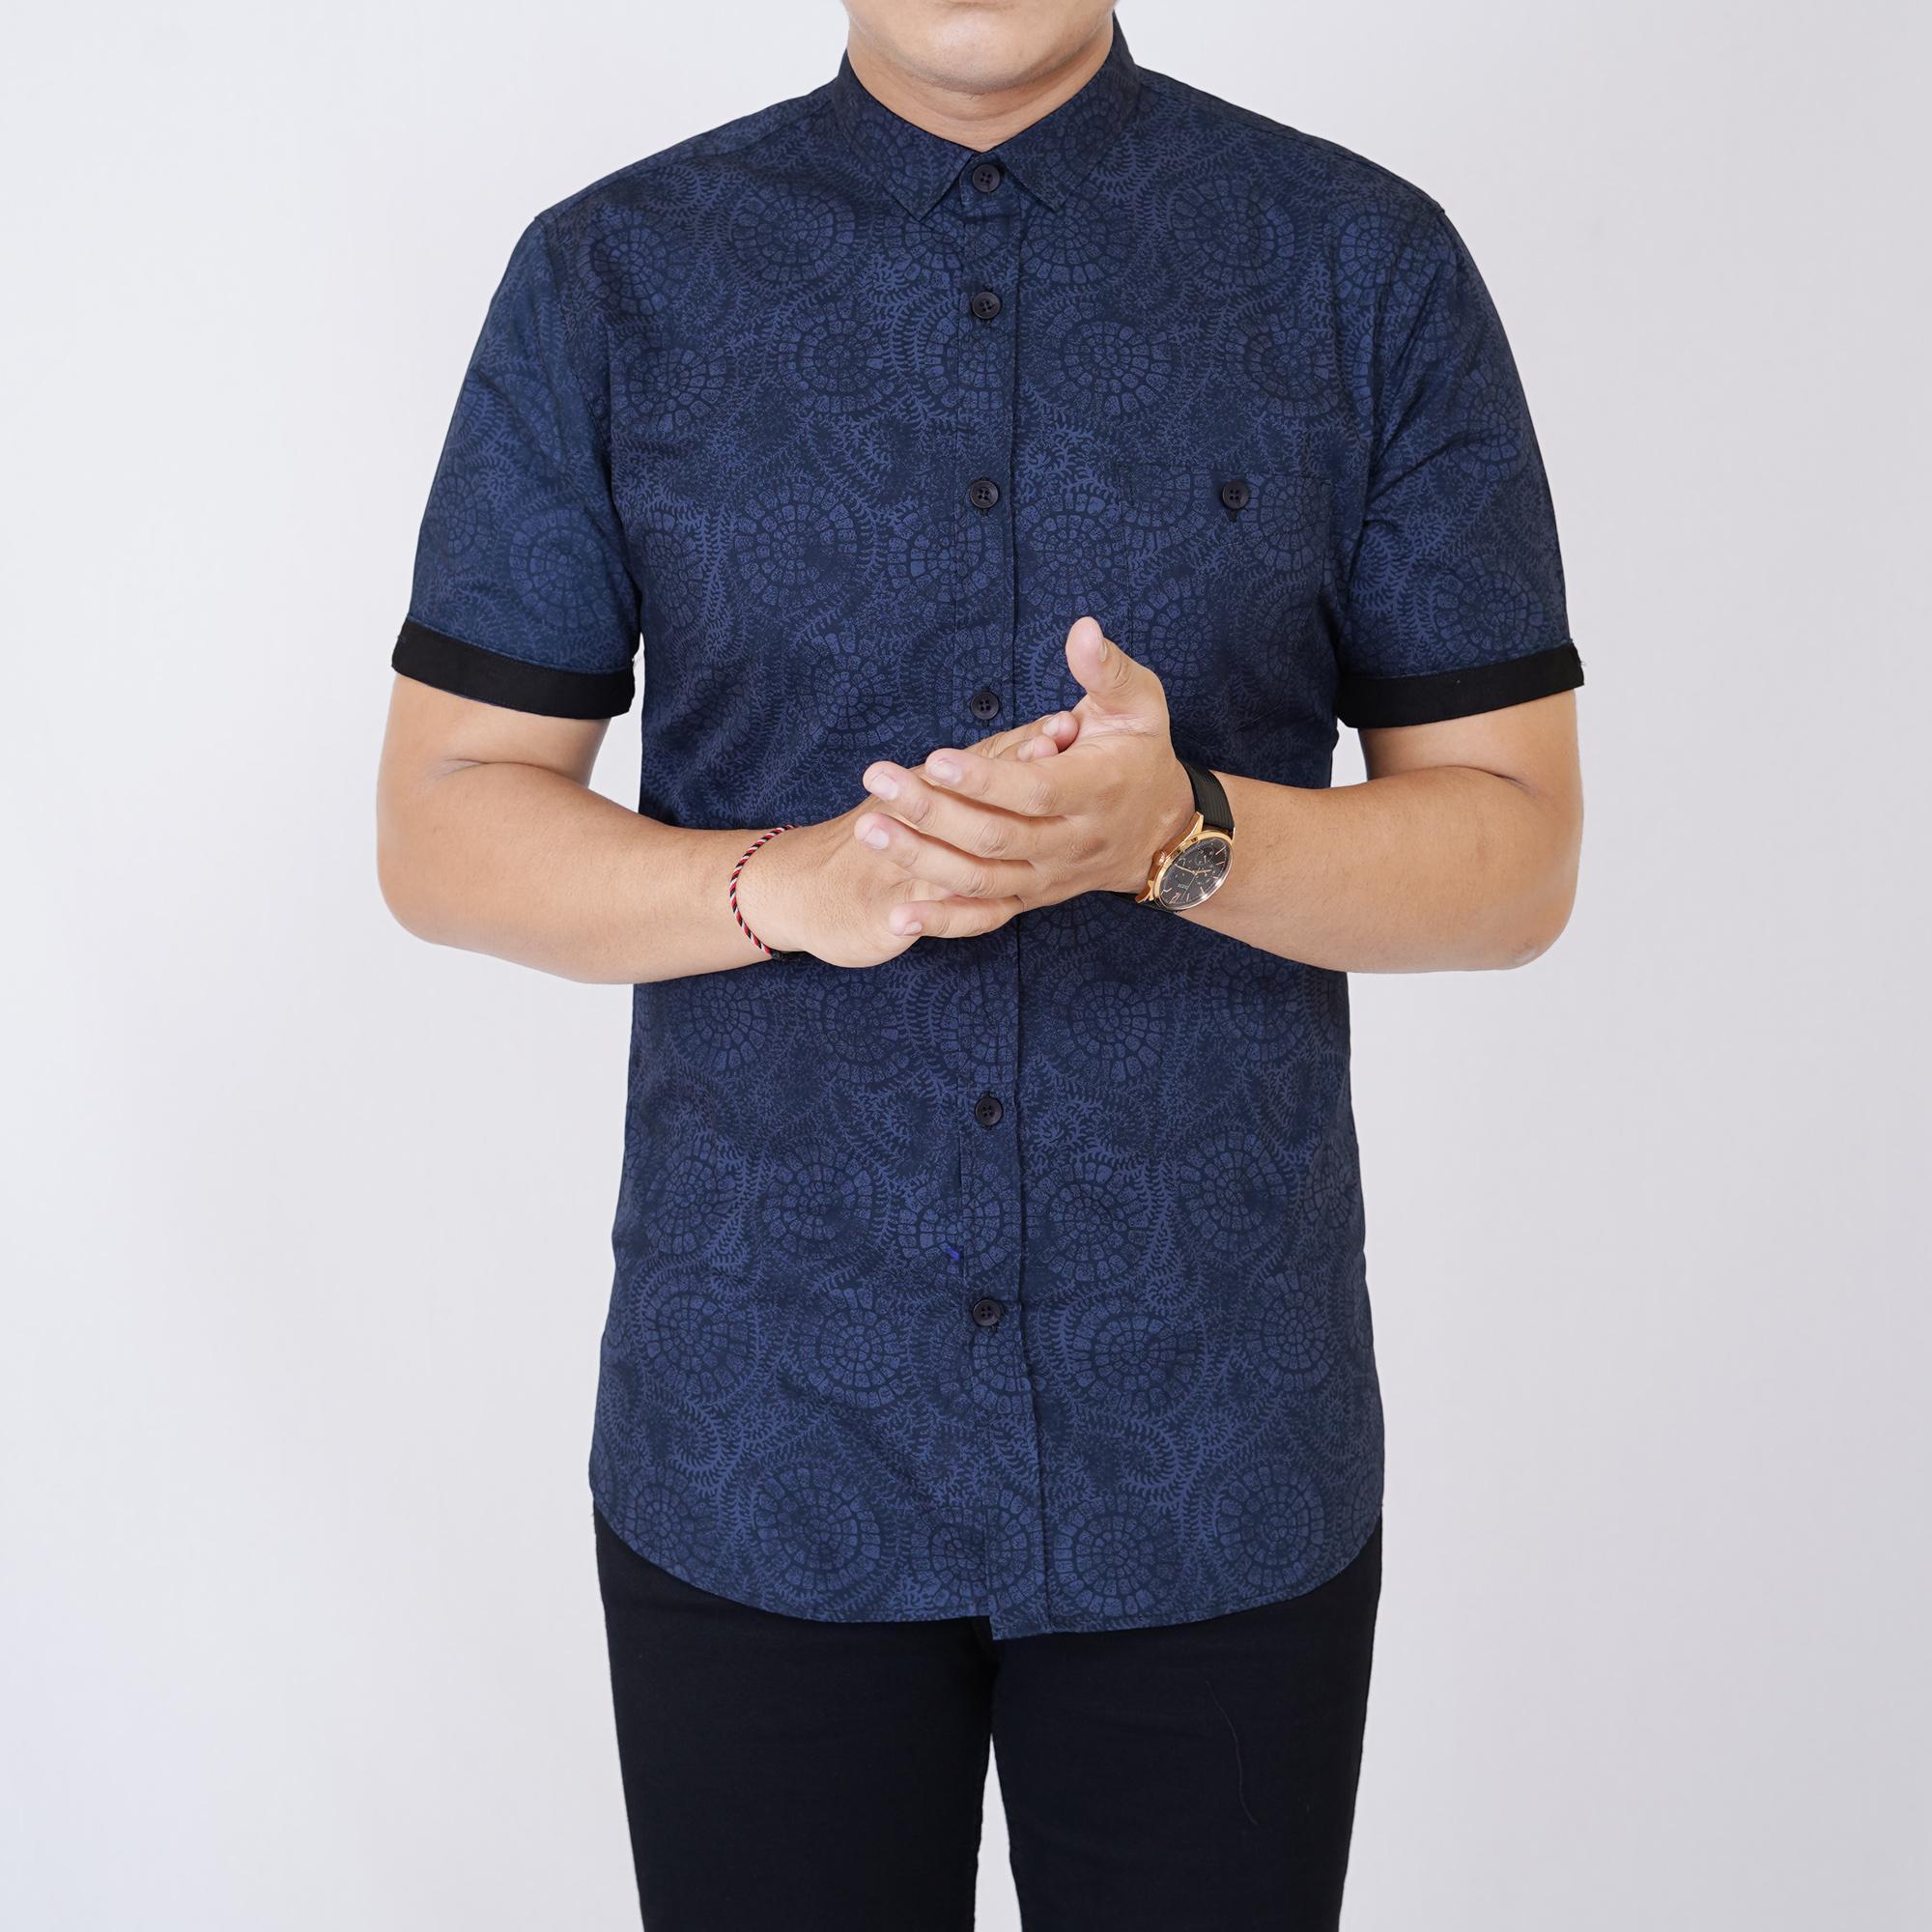 Zoeystore1 6347 Kemeja Printing Pria Lengan Pendek Exclusive Baju Kemeja  Formal Cowok Kerja Kantoran Navy Mix dc13351e6d